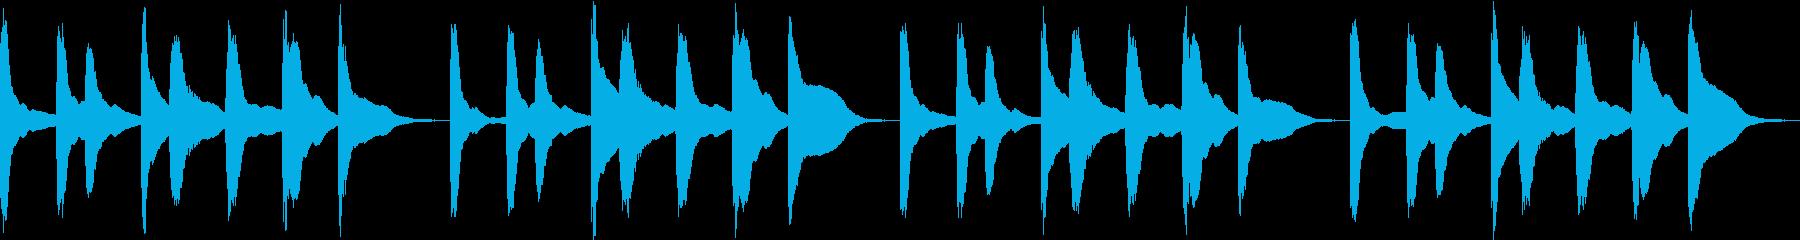 シンプル ベル 着信音 チャイム C15の再生済みの波形